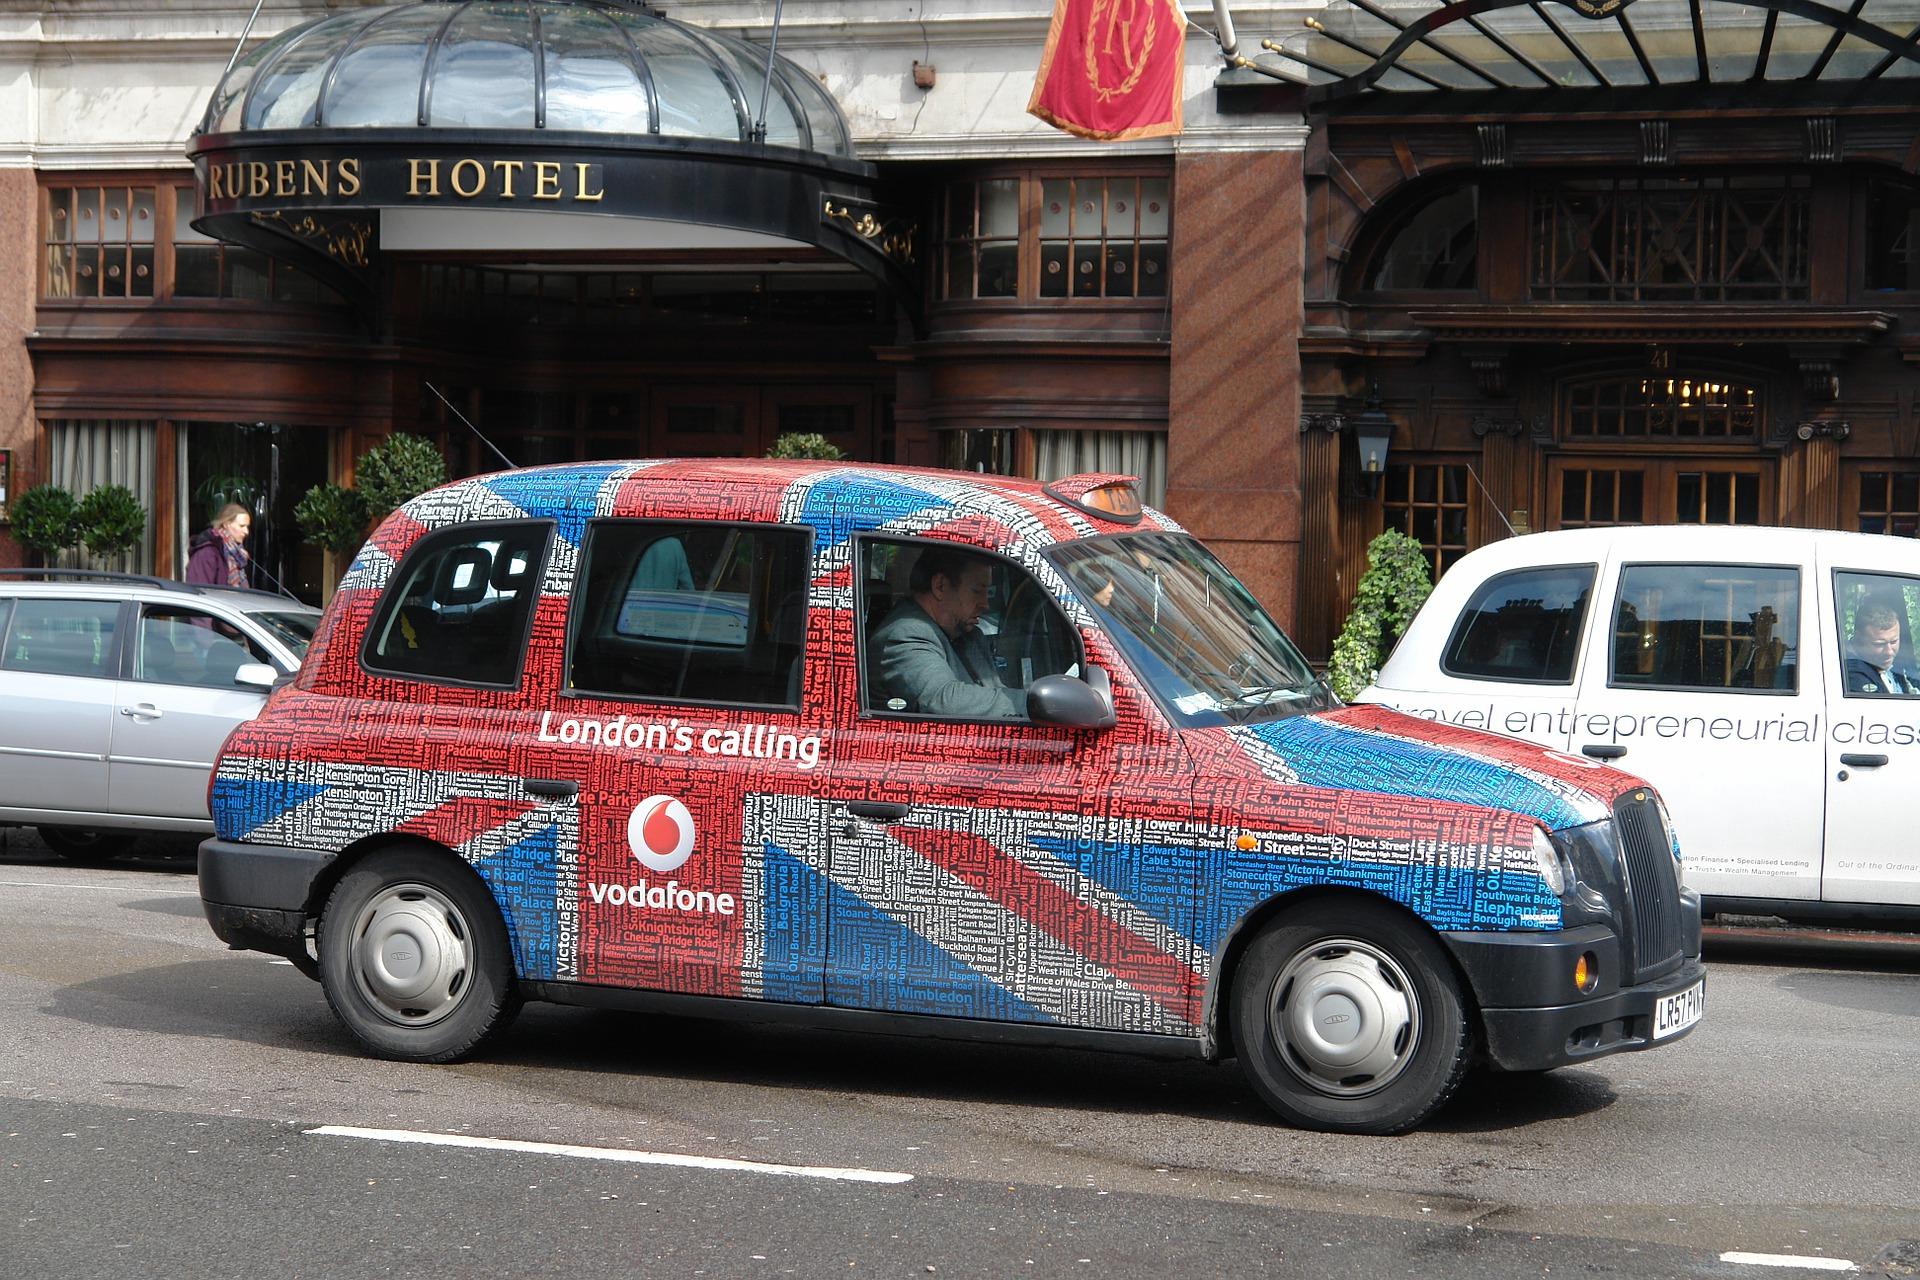 מונית בלונדון